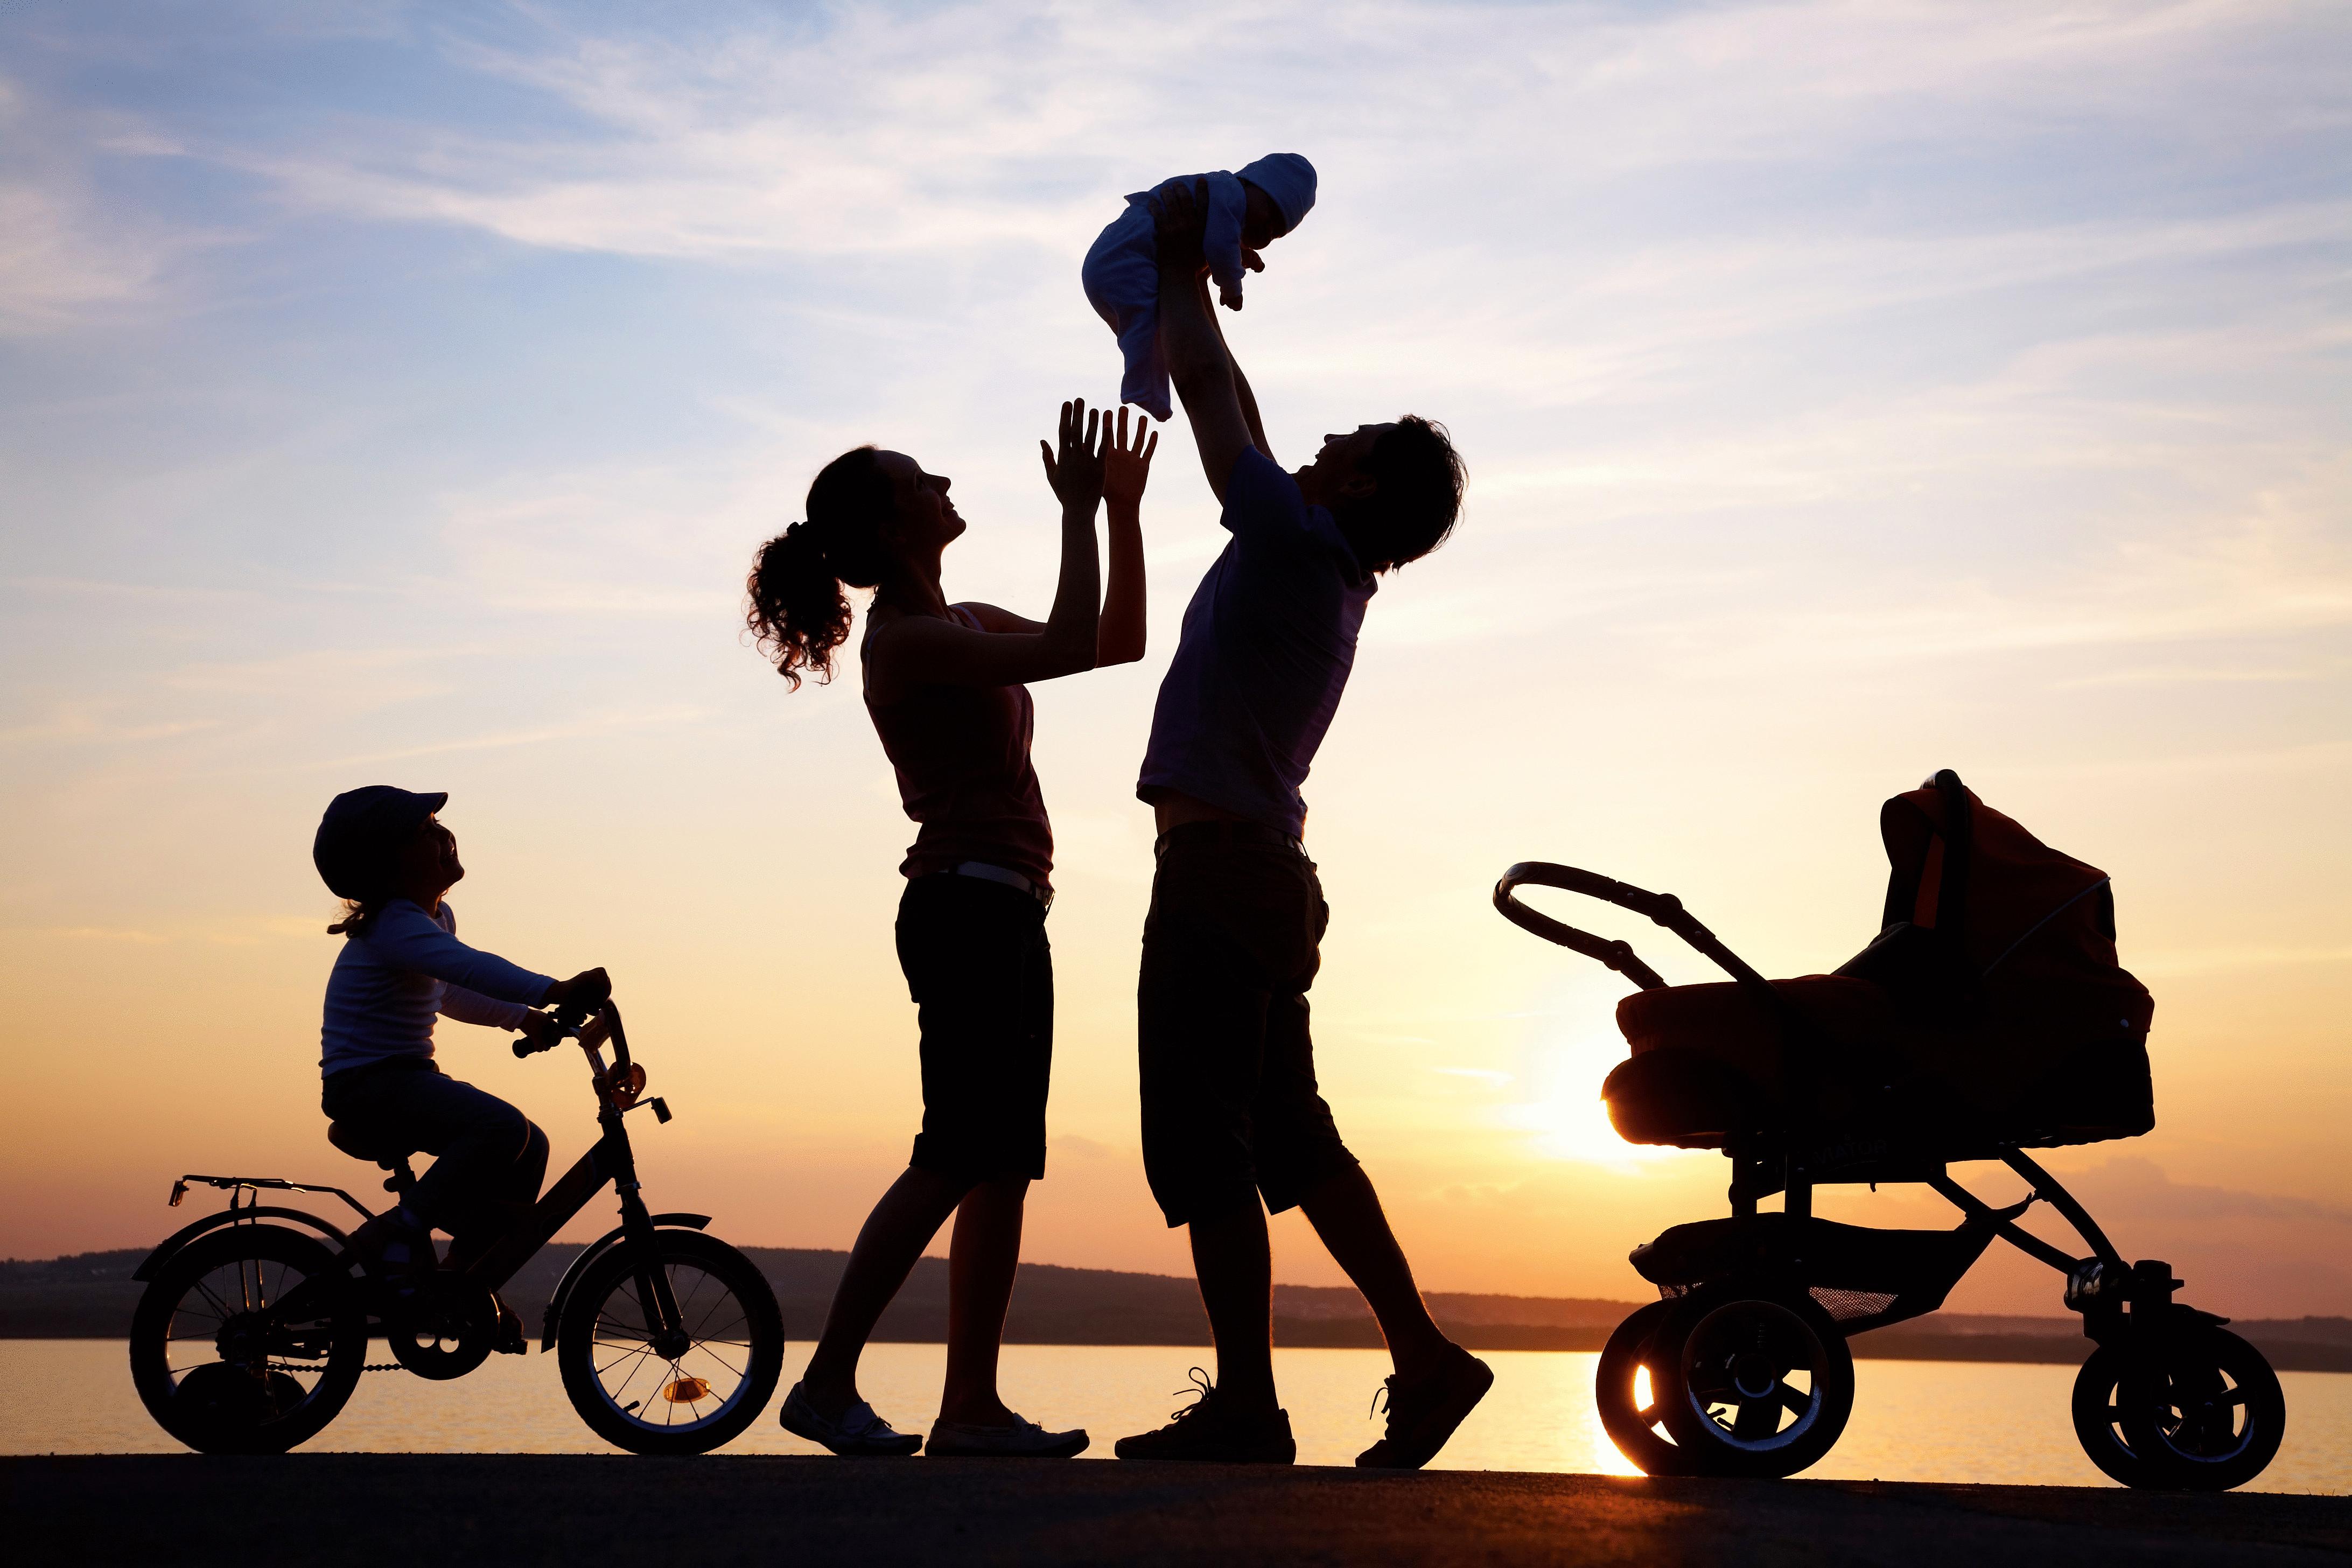 Картинка с созданием семьи